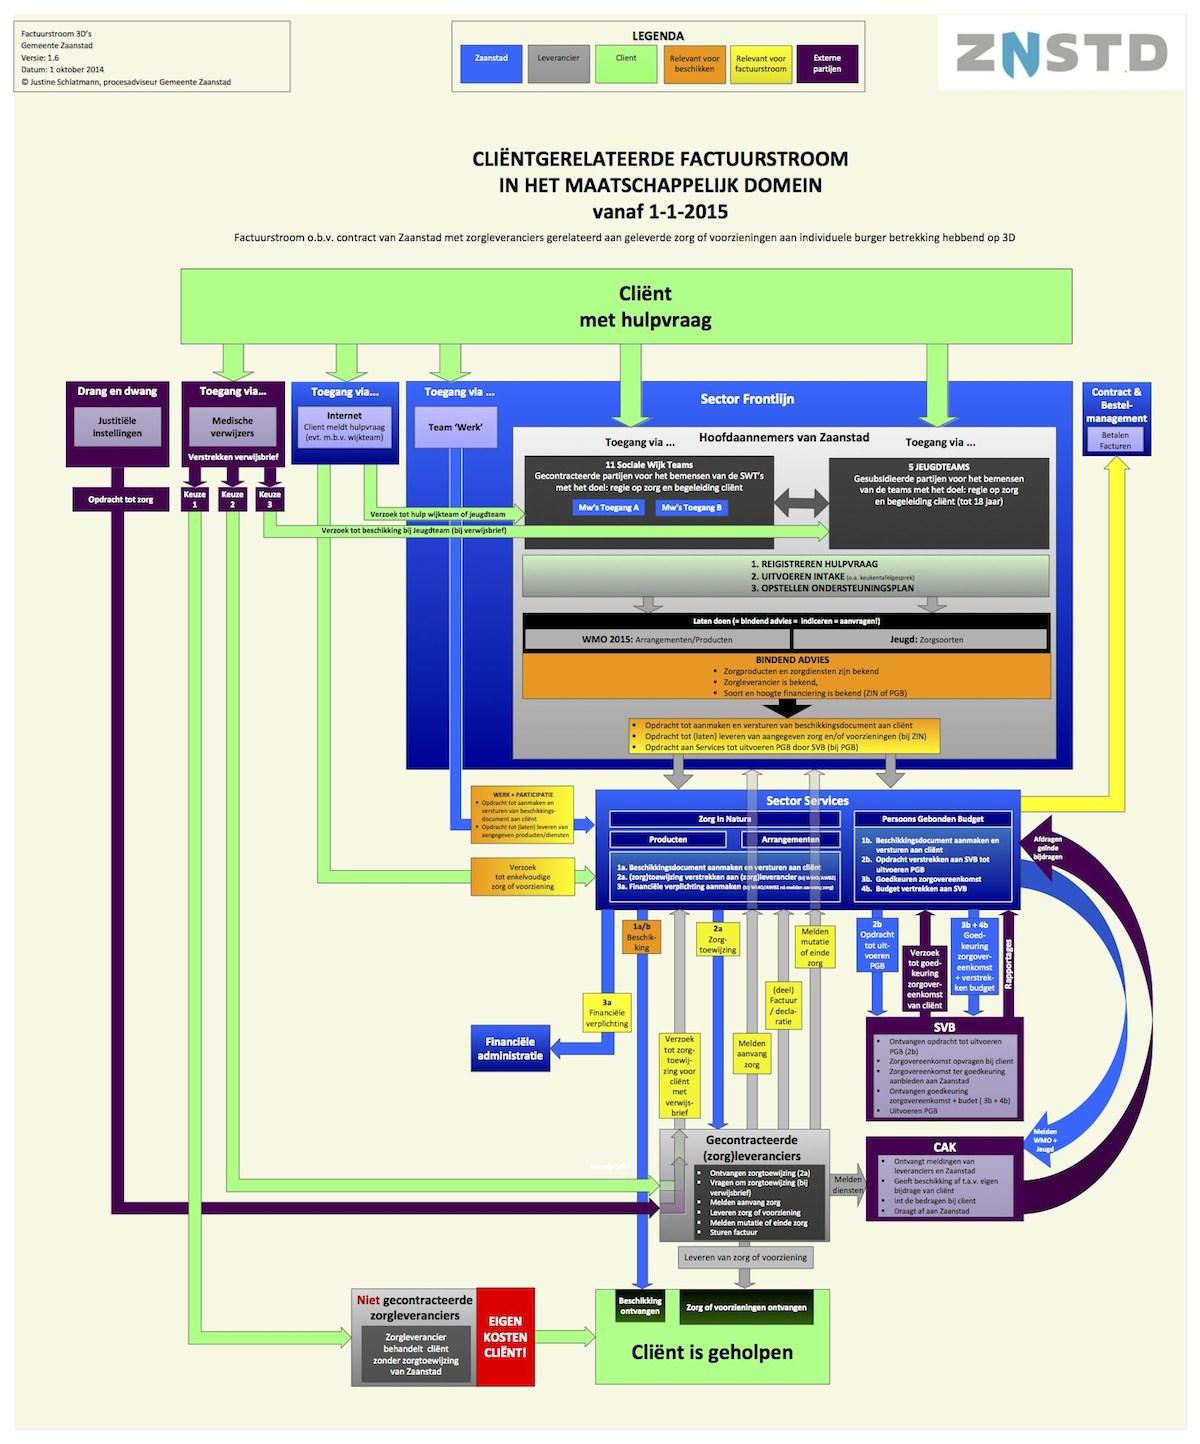 Factuurstroom bij MD versie 1.6